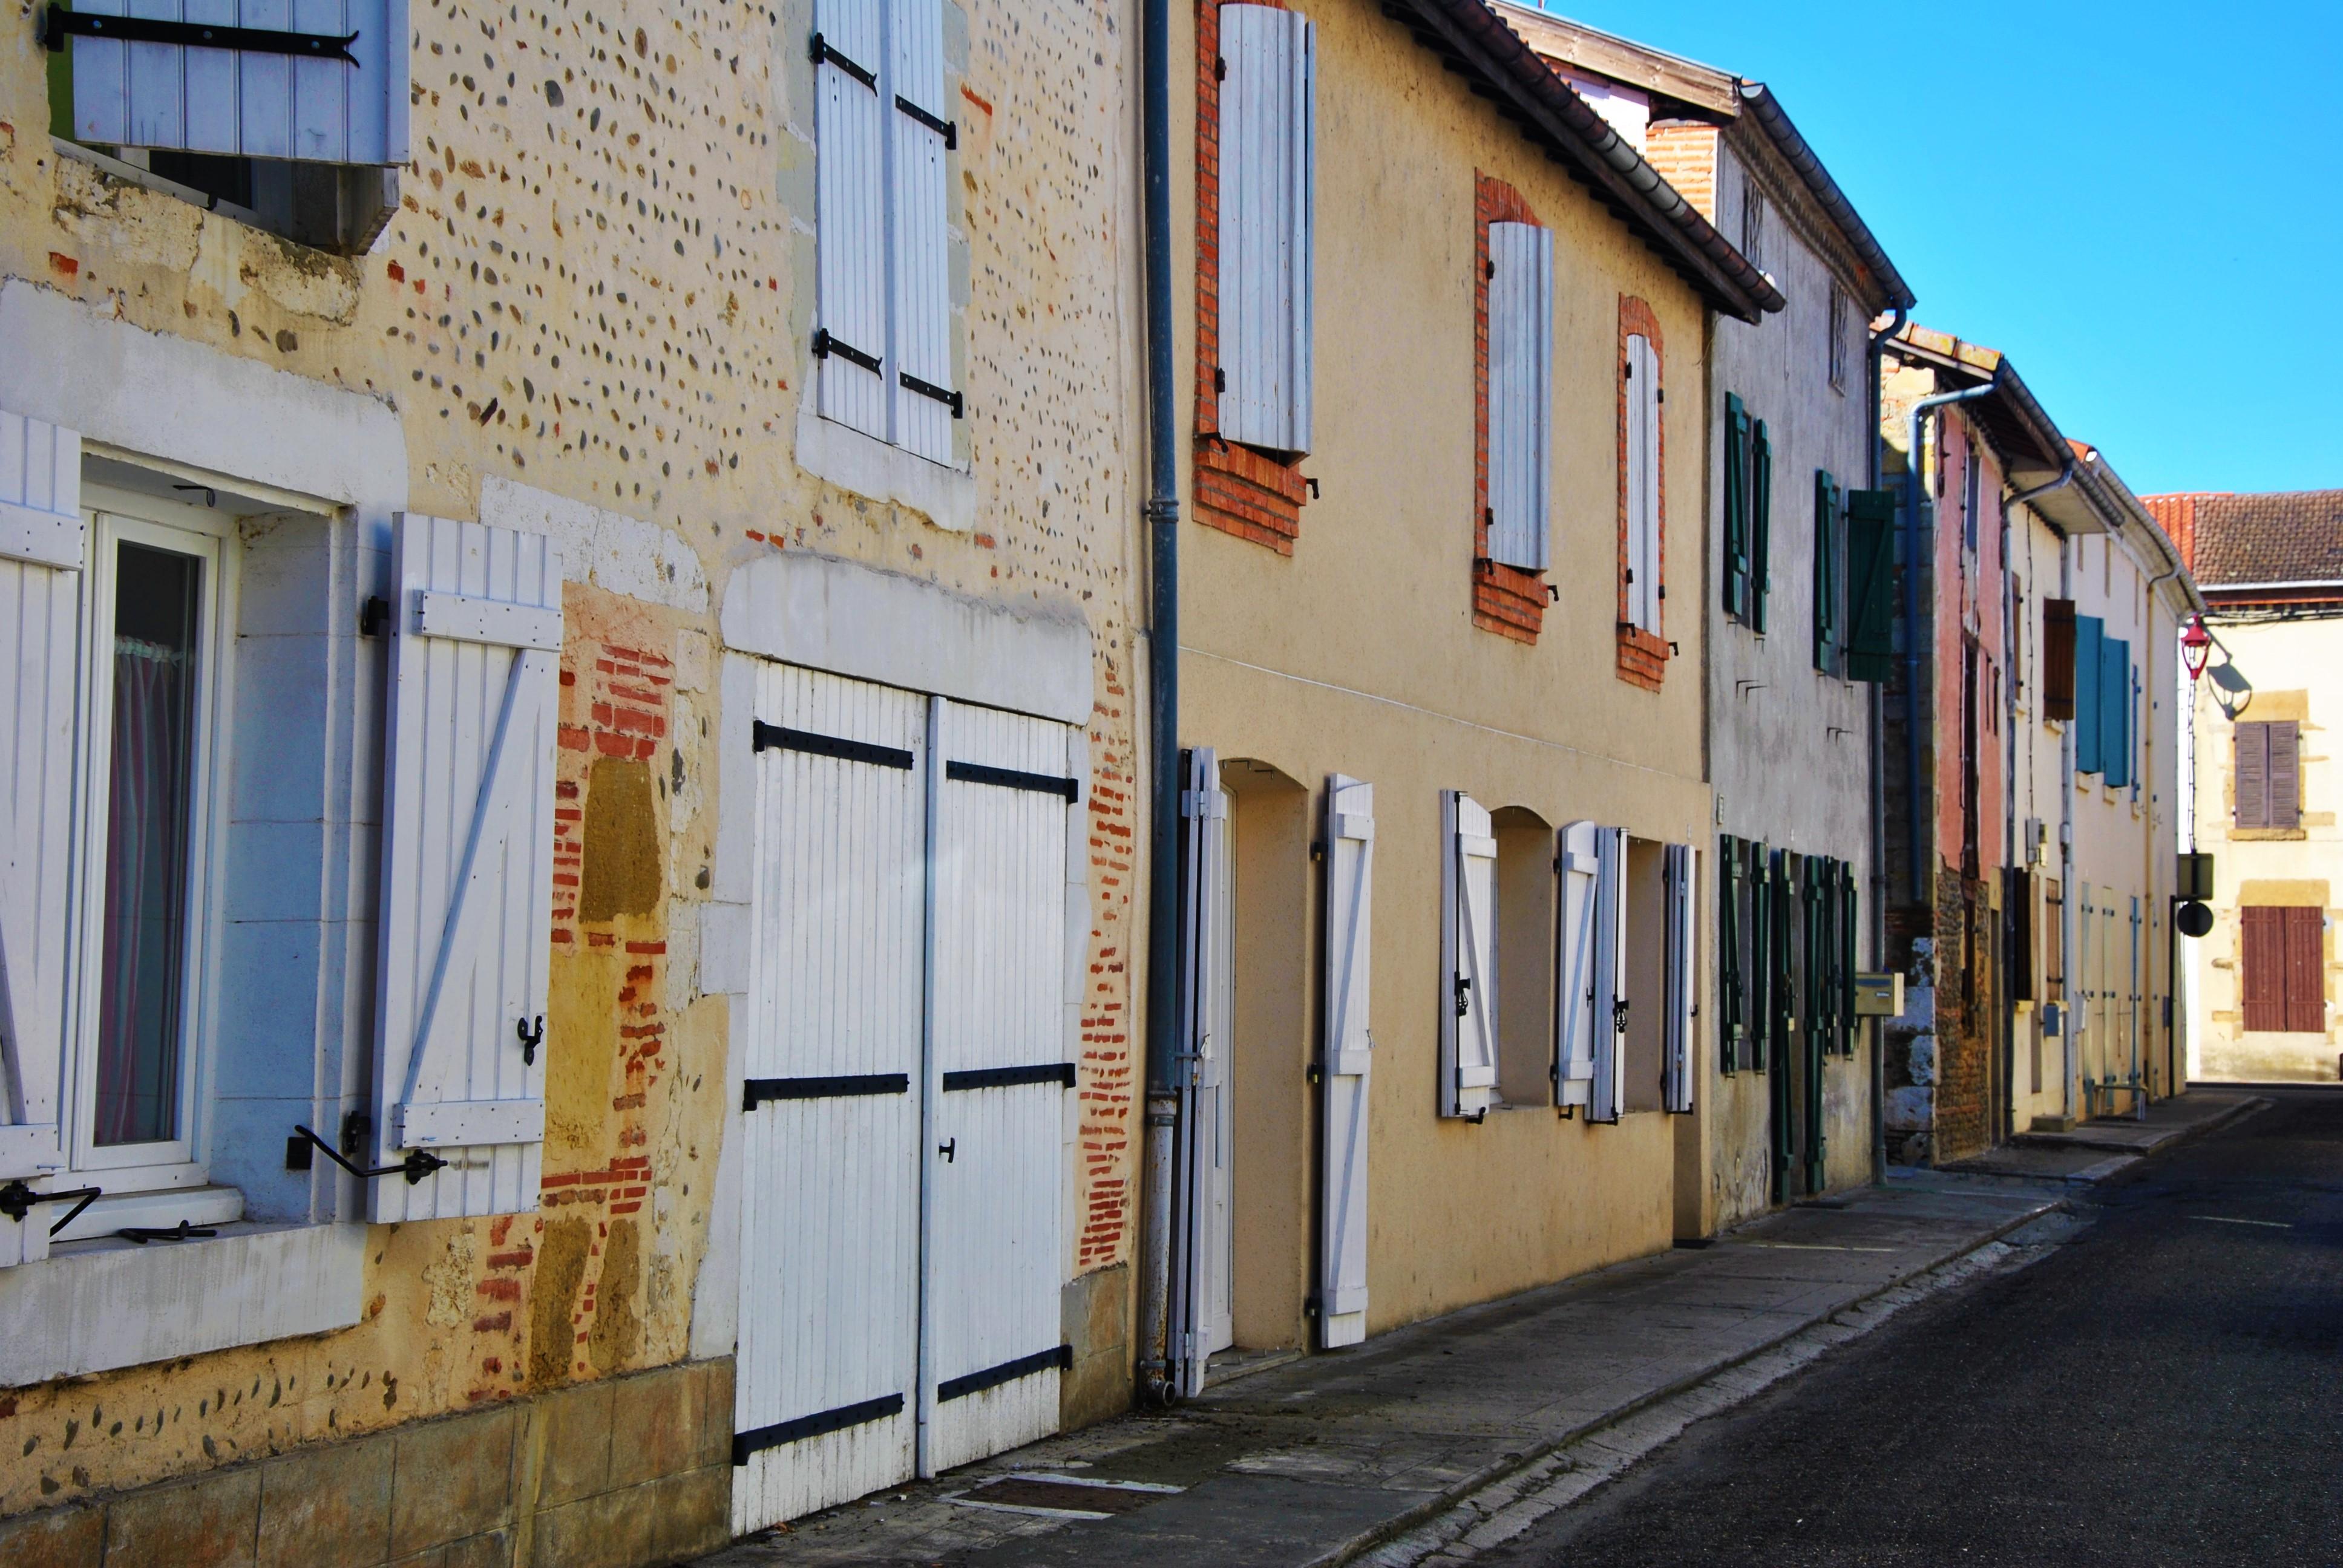 Rue du Soleil